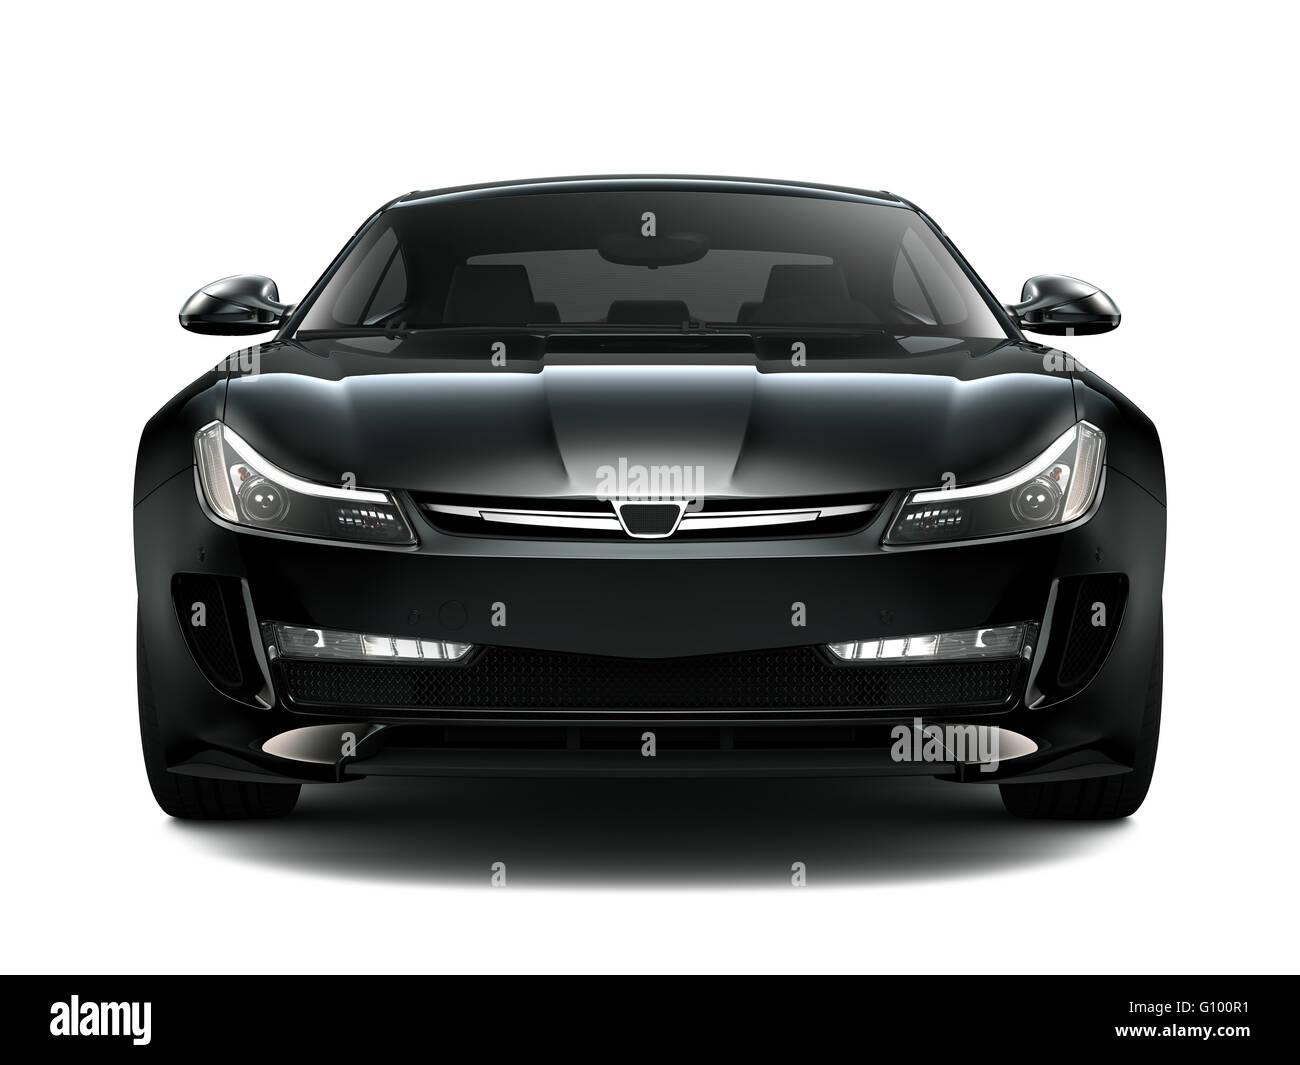 Generic Car Stockfotos & Generic Car Bilder - Alamy